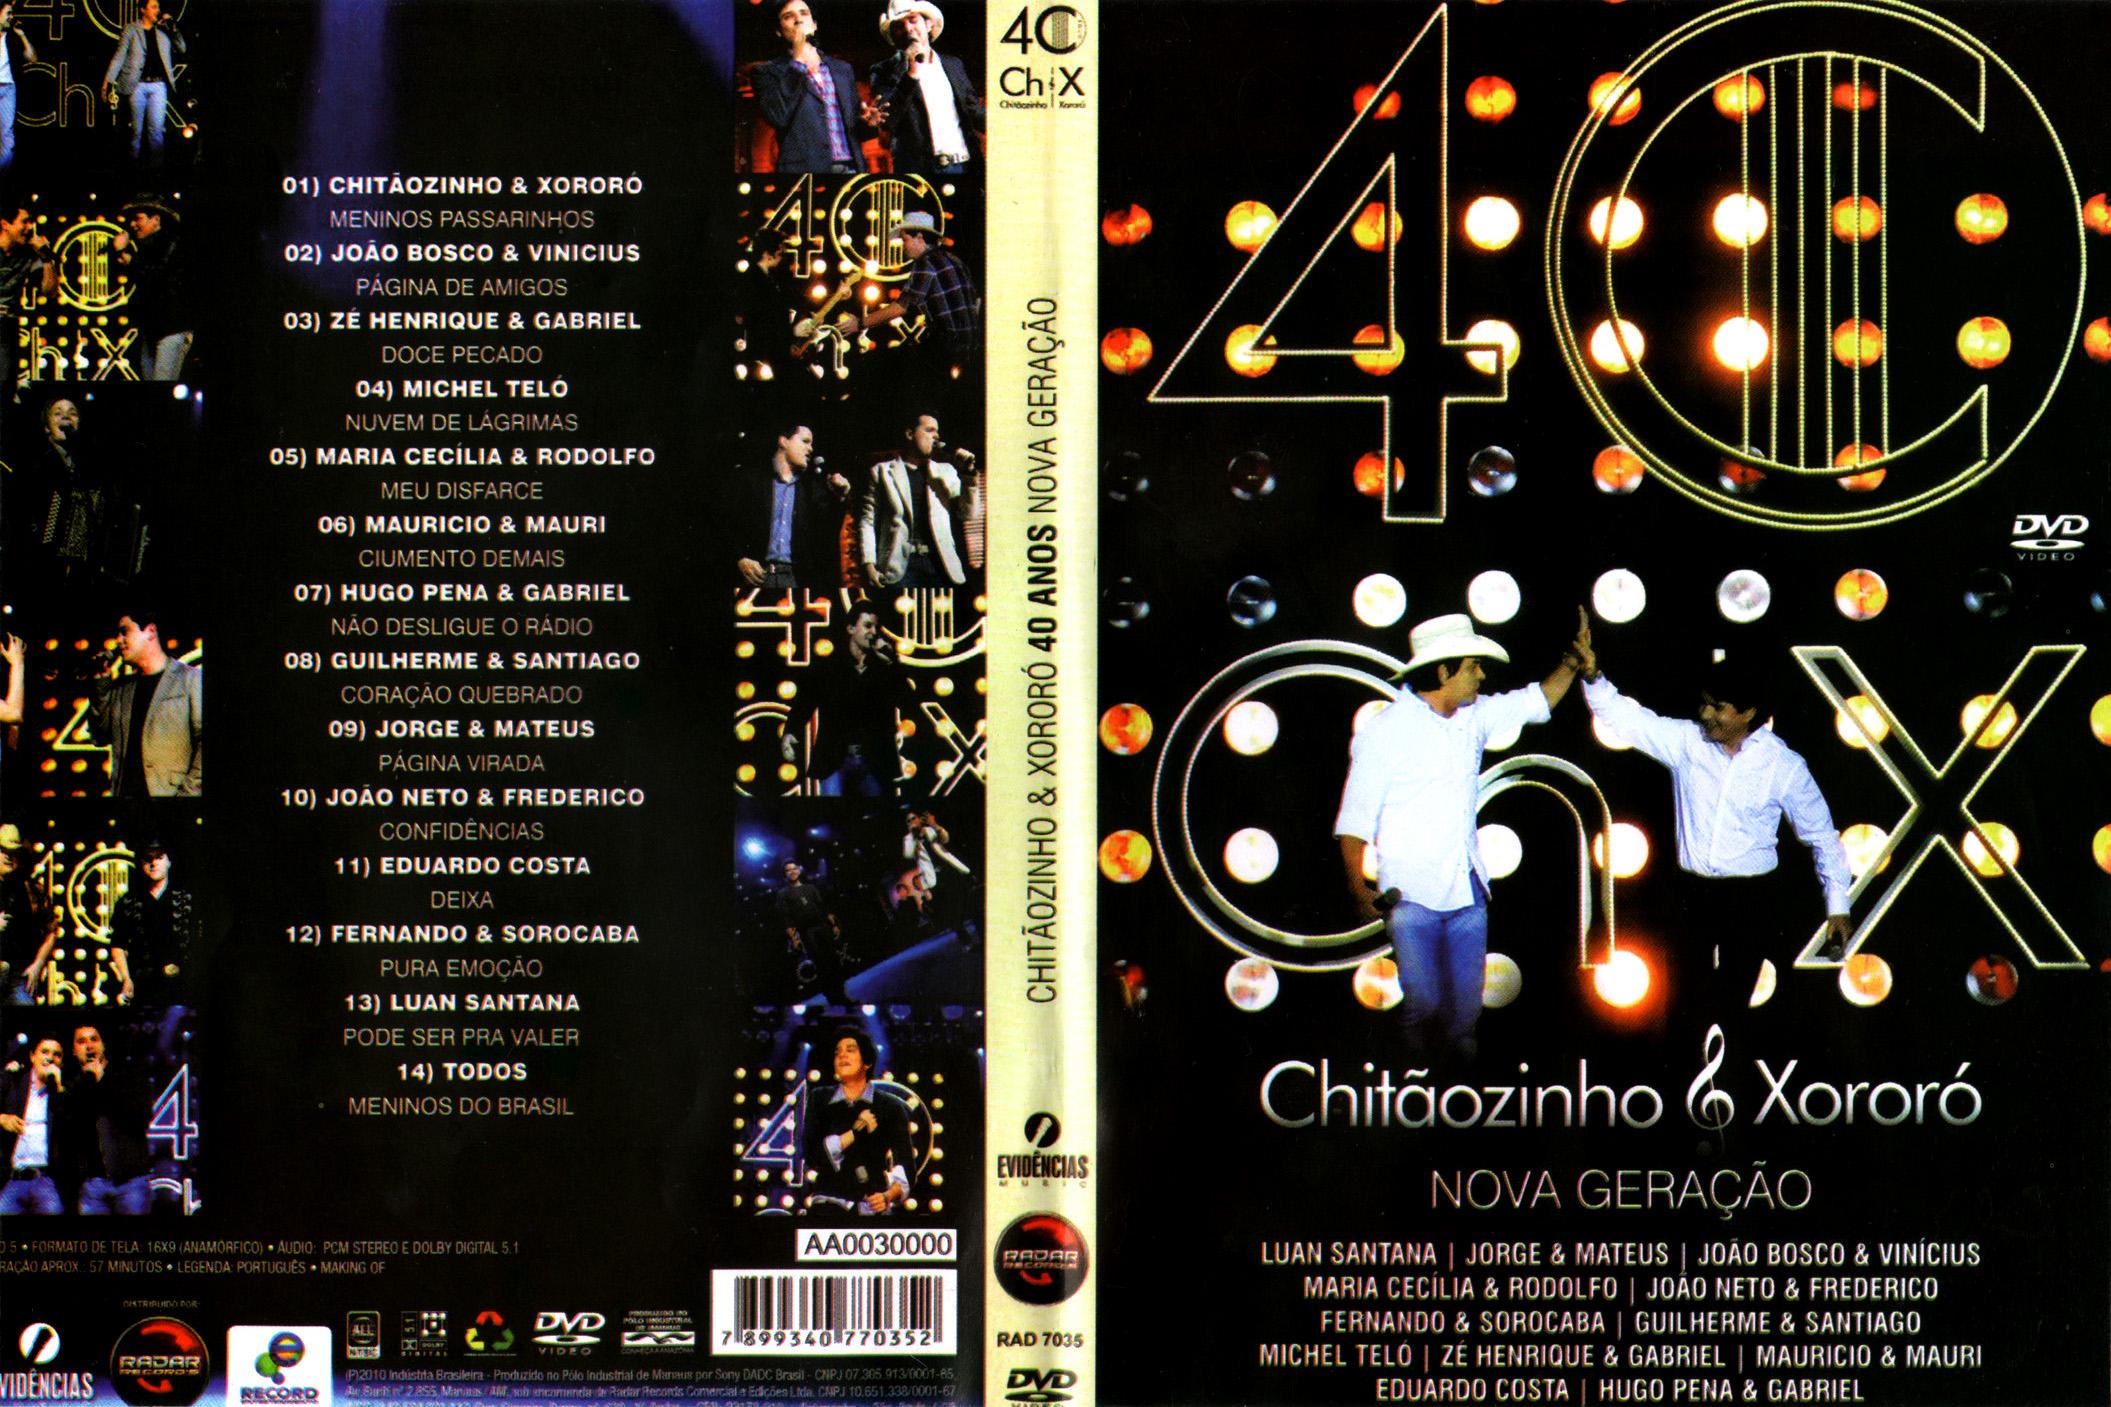 audio dvd chitaozinho e xororo 40 anos nova gerao